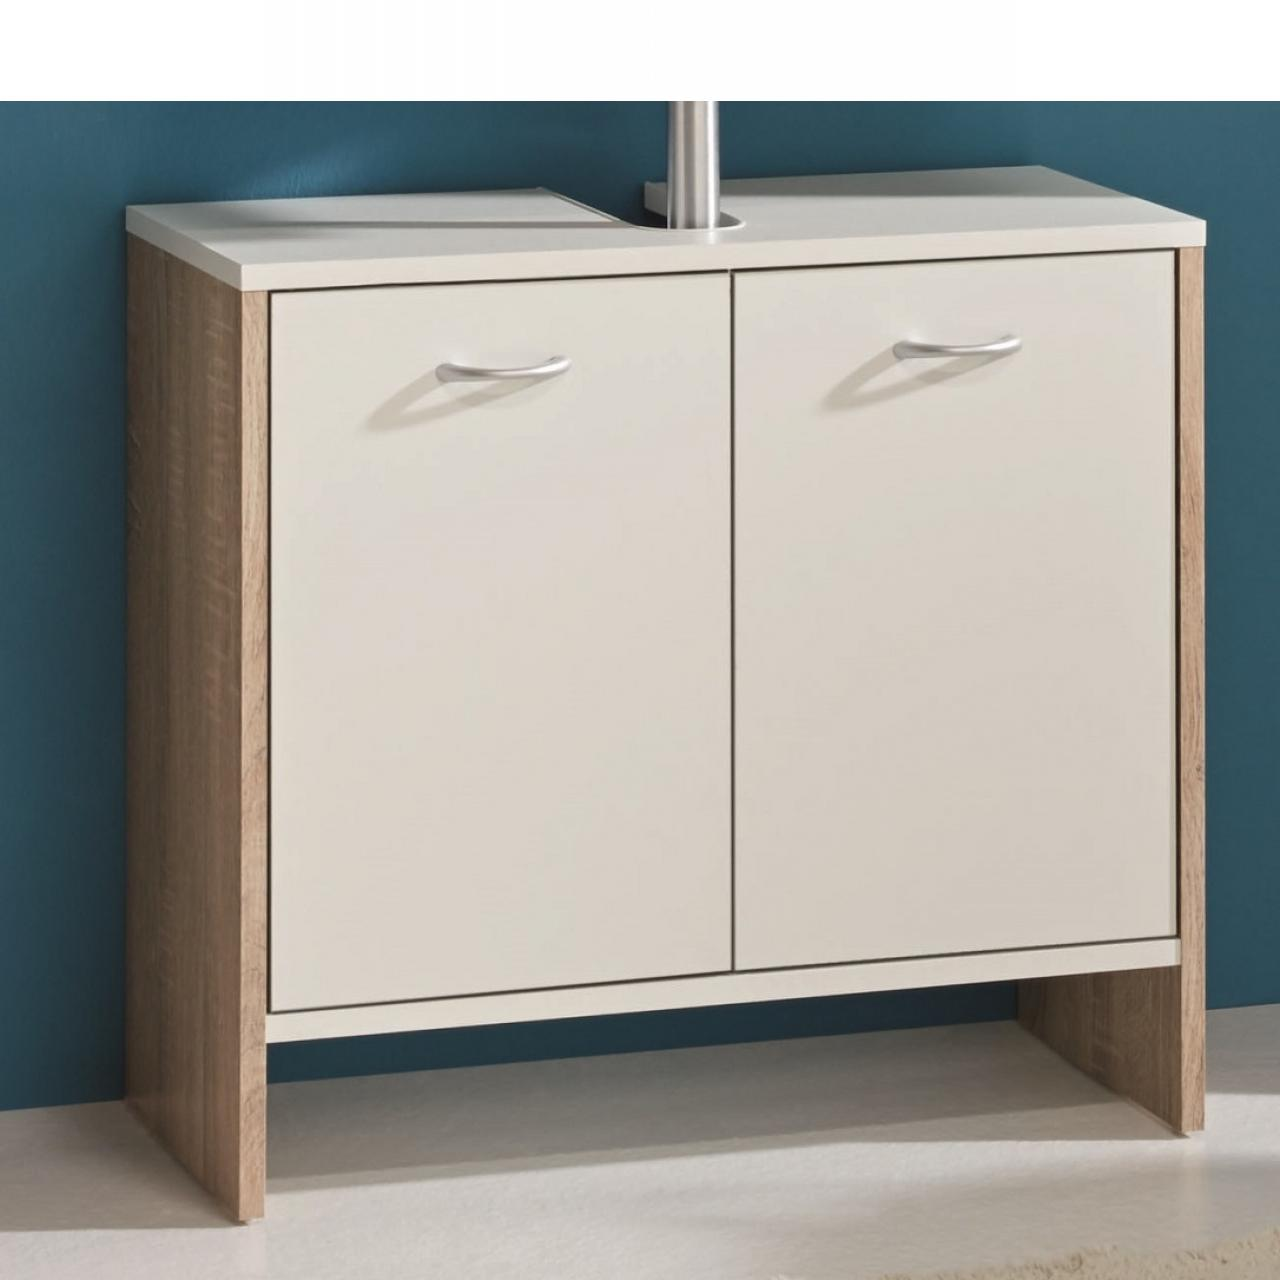 Waschbeckenunterschrank Viola Esche Grau Weiß 2 Türen Badezimmer Gäste-WC